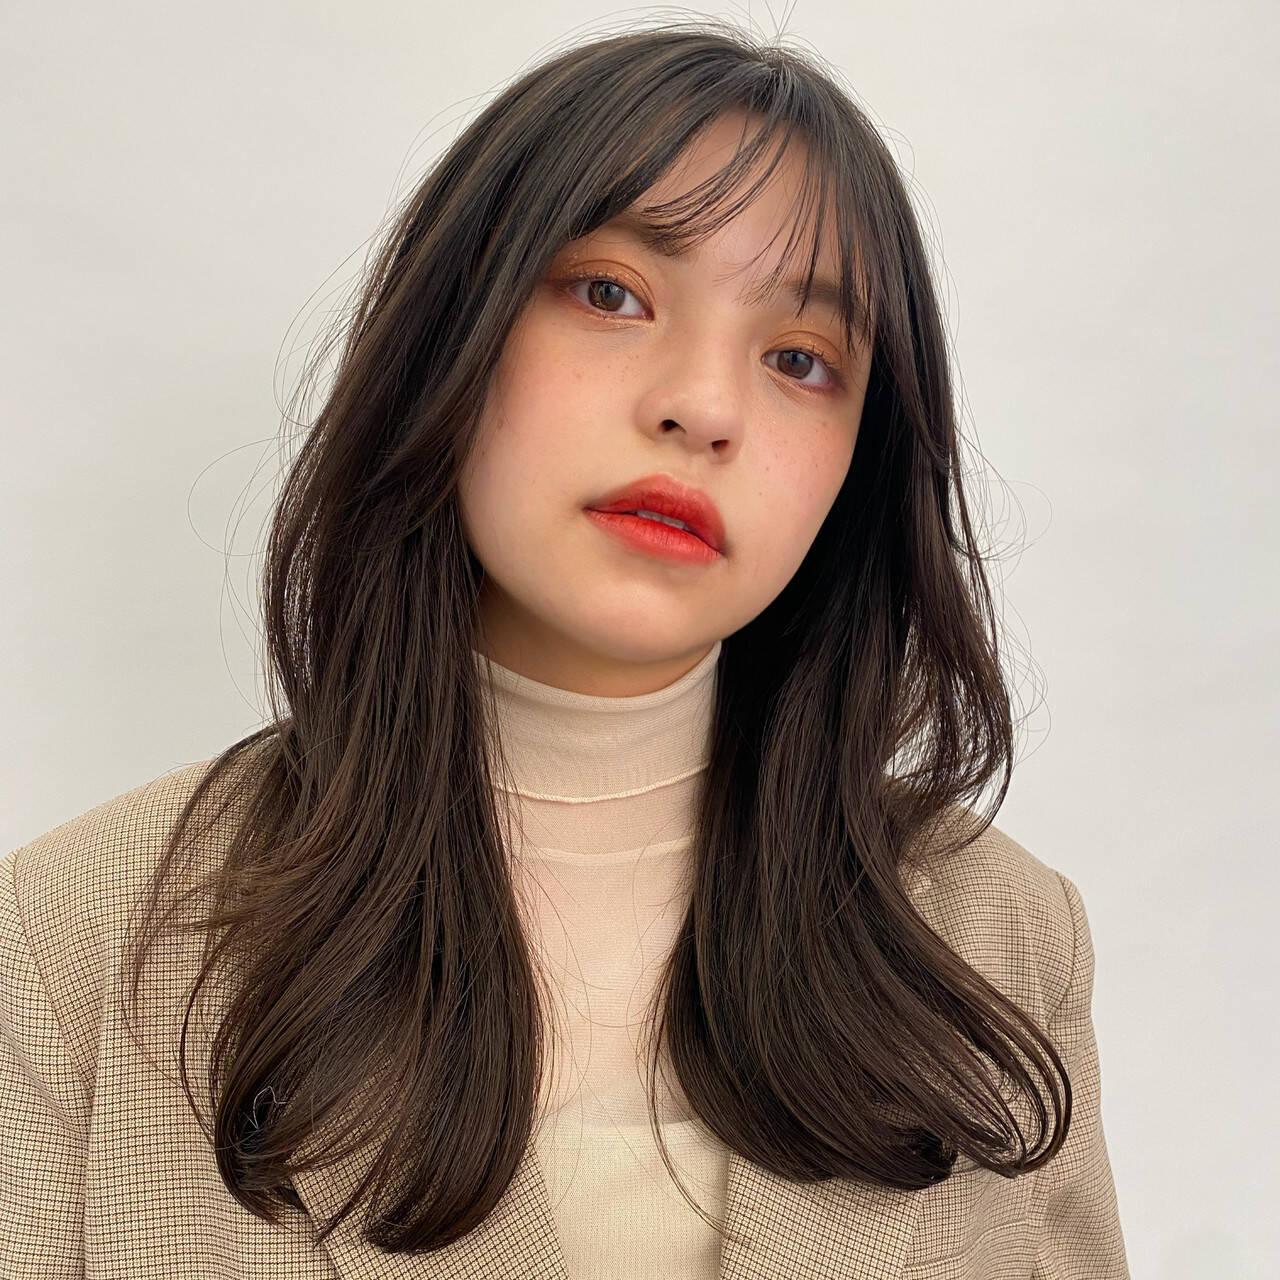 ロングヘア セミロング 韓国ヘア ナチュラルヘアスタイルや髪型の写真・画像